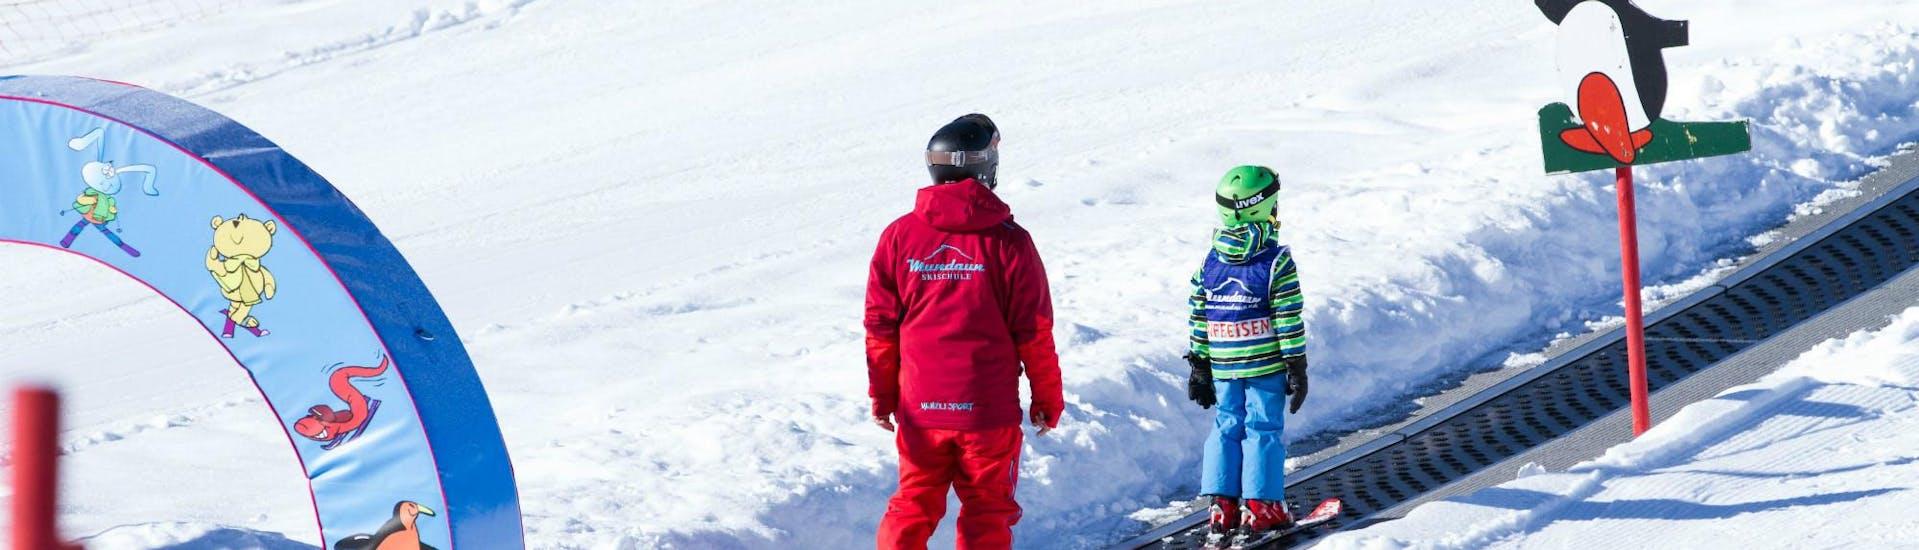 Cours de Ski pour Enfants (3 à 7 ans) - Demi-journée avec École Suisse de Ski de Mundaun - Hero image